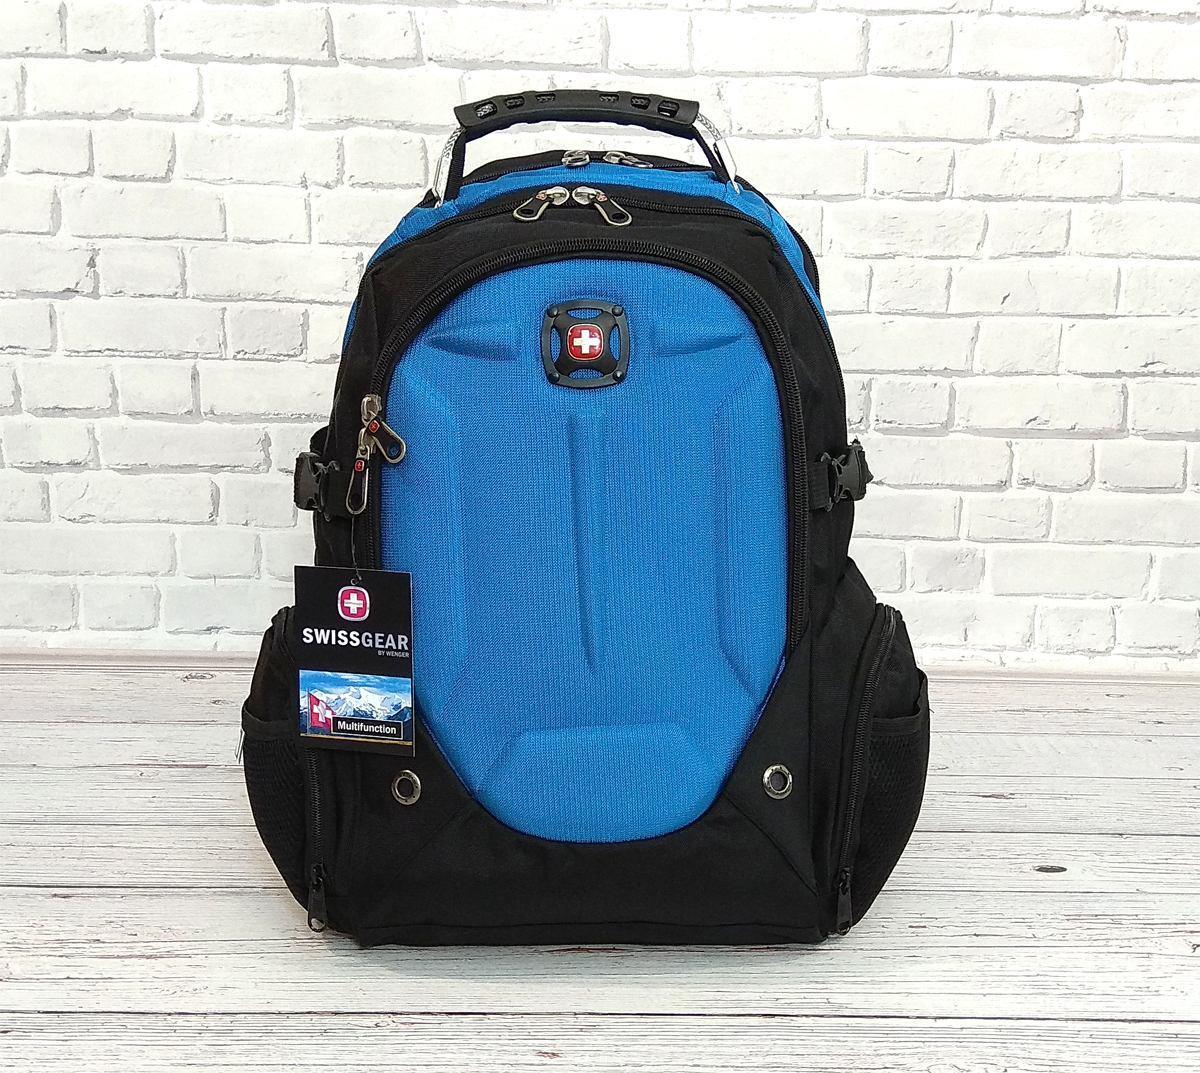 Вместительный рюкзак. Черный с синим. 35L / s6611 blue